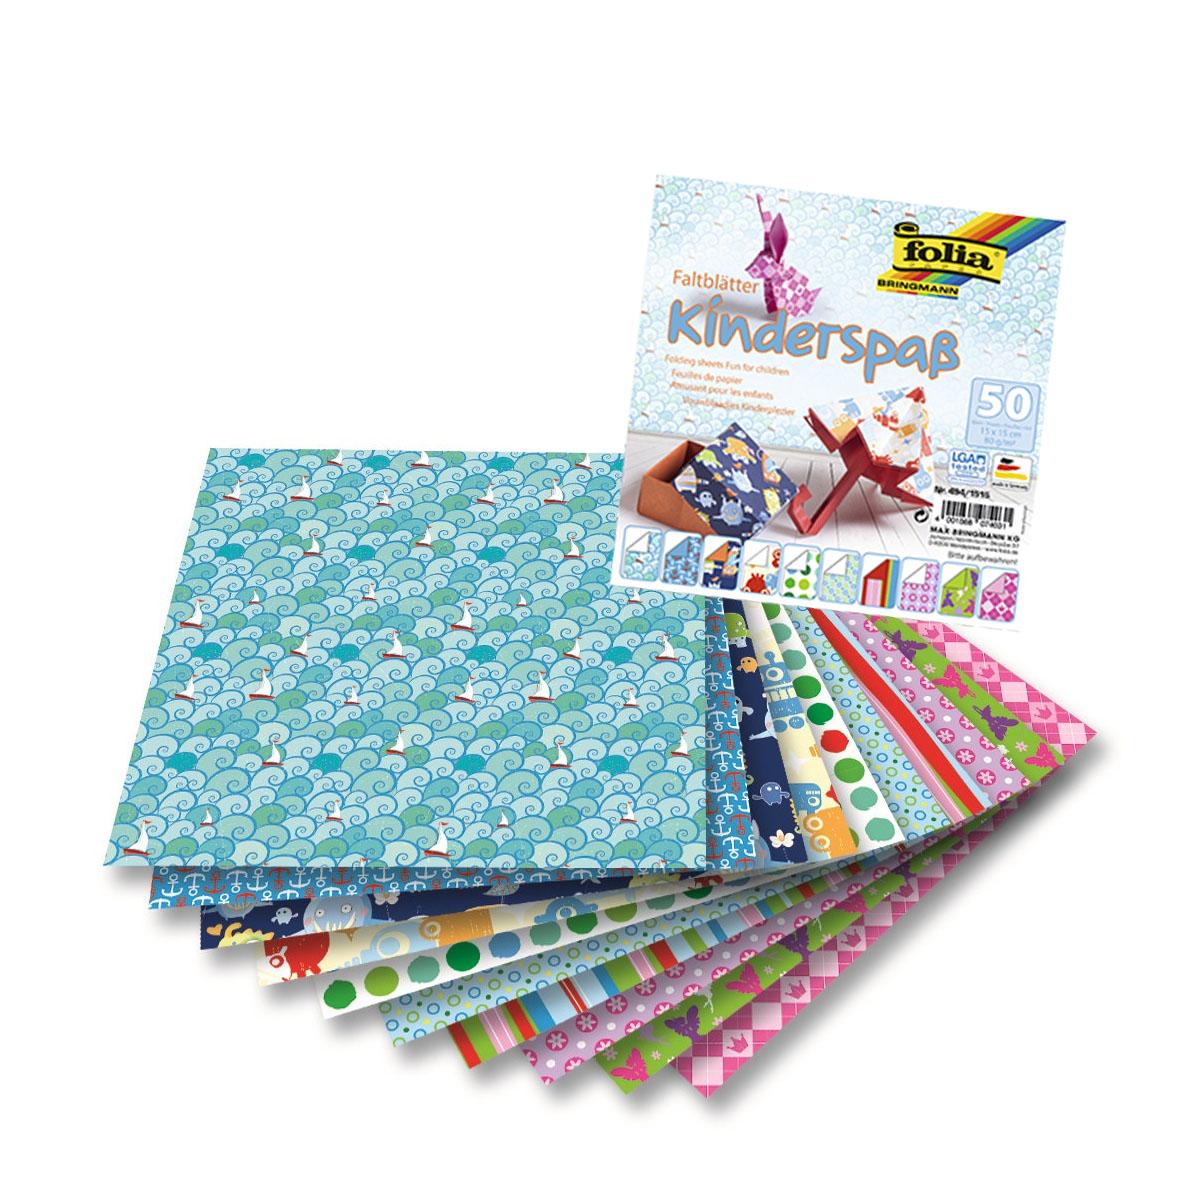 Бумага для оригами FoliaKids, 15 х 15 см, 50 листовNN-612-LS-PLКрасочные мотивы коллекции KIDS позволяют создавать оригинальные стильные поделки в технике оригами. В наборе 50 листов; 5 различных мотивов.